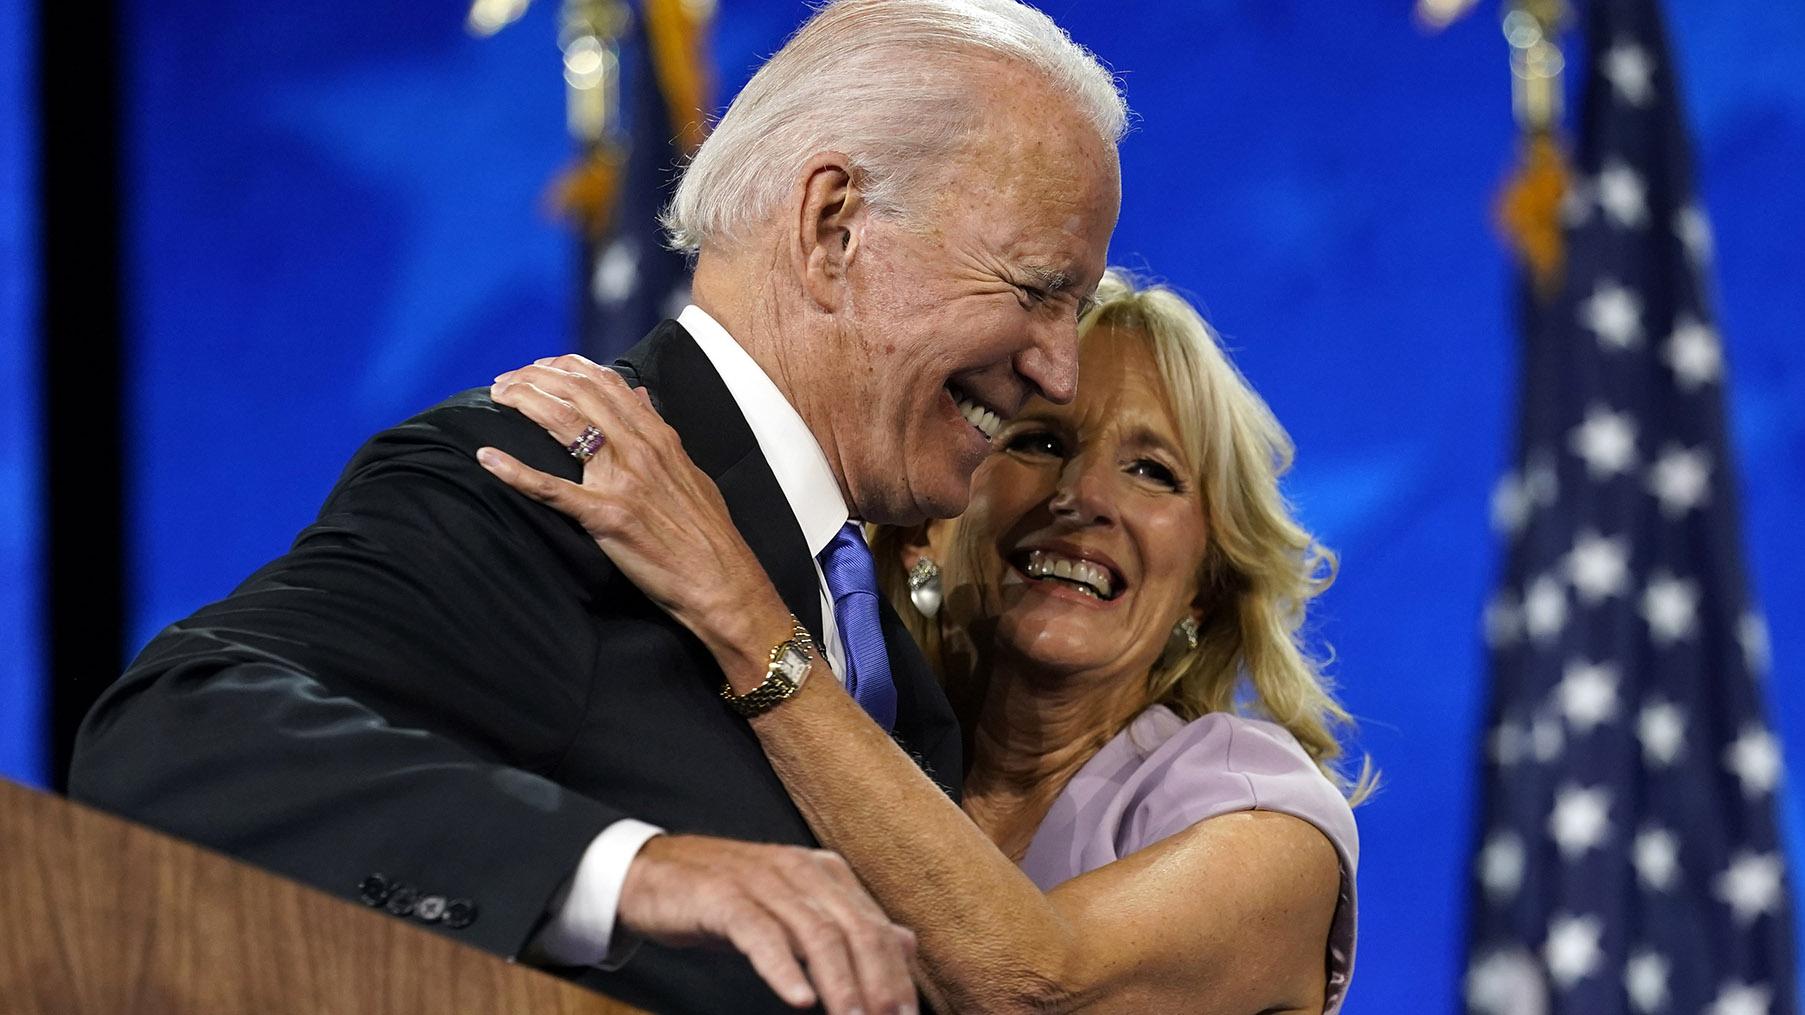 2020民主党全国代表大会(Democratic National Convention, DNC)上,前副总统拜登接受提名、正式成为民主党总统候选人,将挑战现任总统特朗普。(美联社)